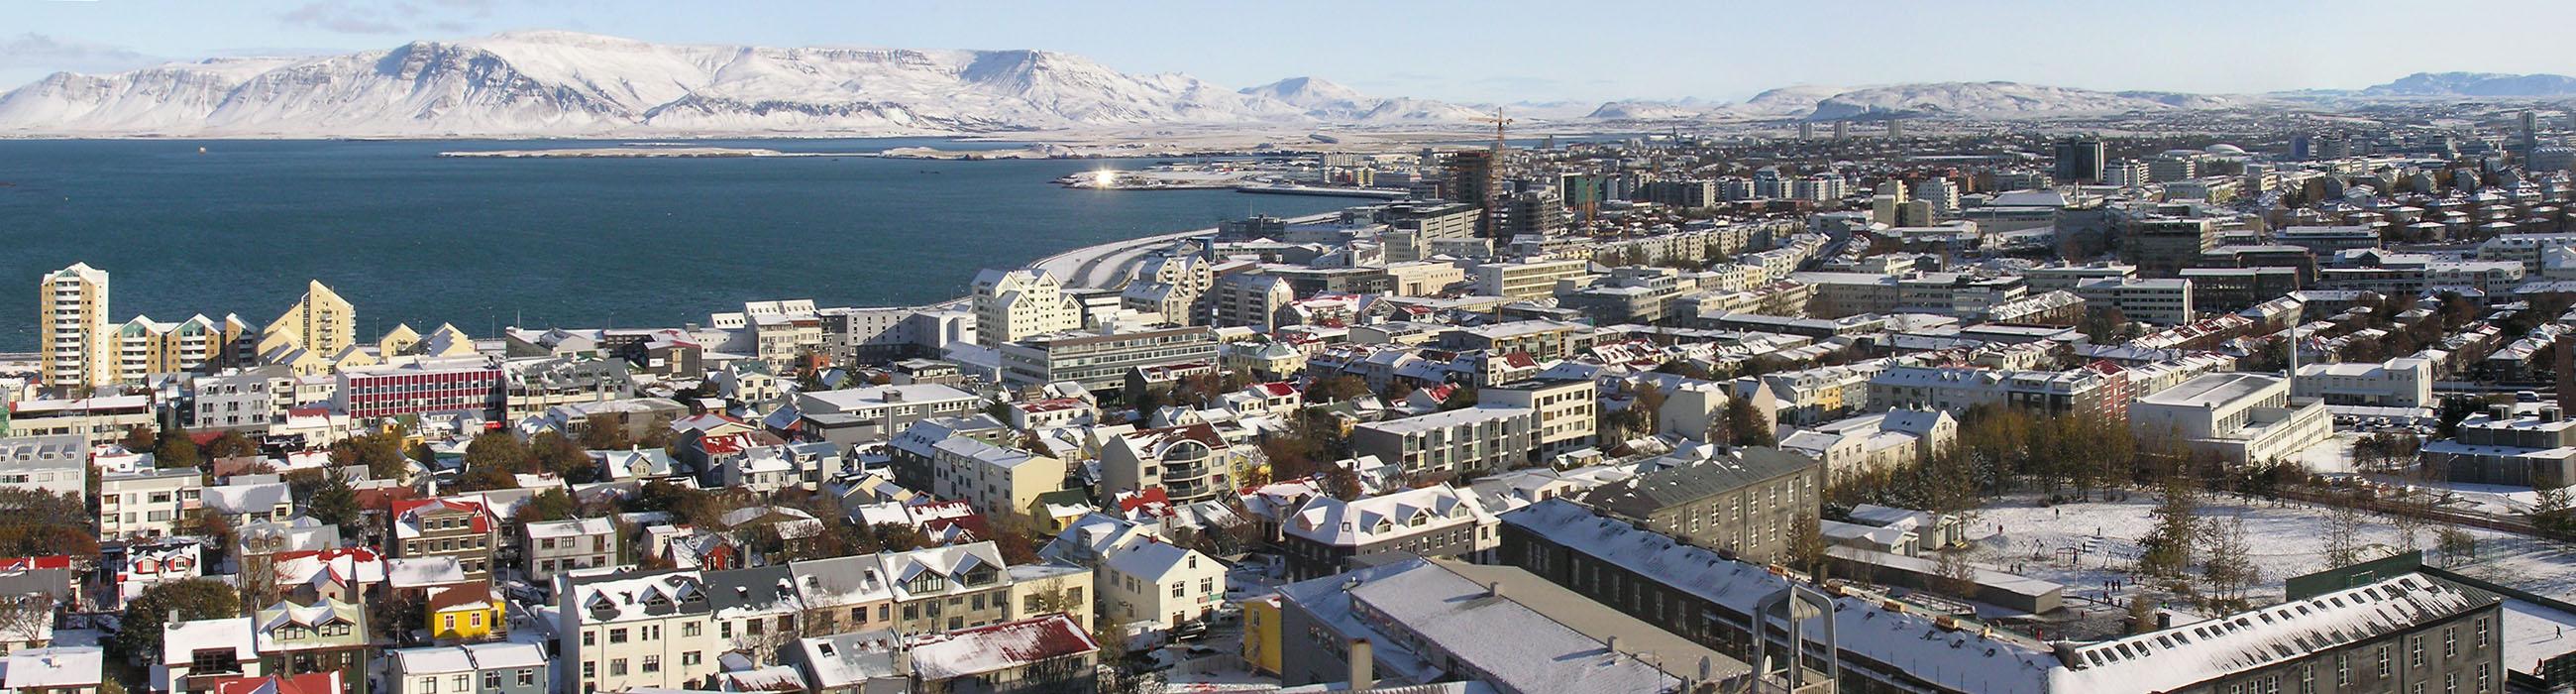 que hacer en Reykjavik, las mejores cosas que hacer en Reykjavik, cosas que hacer en Reykjavik